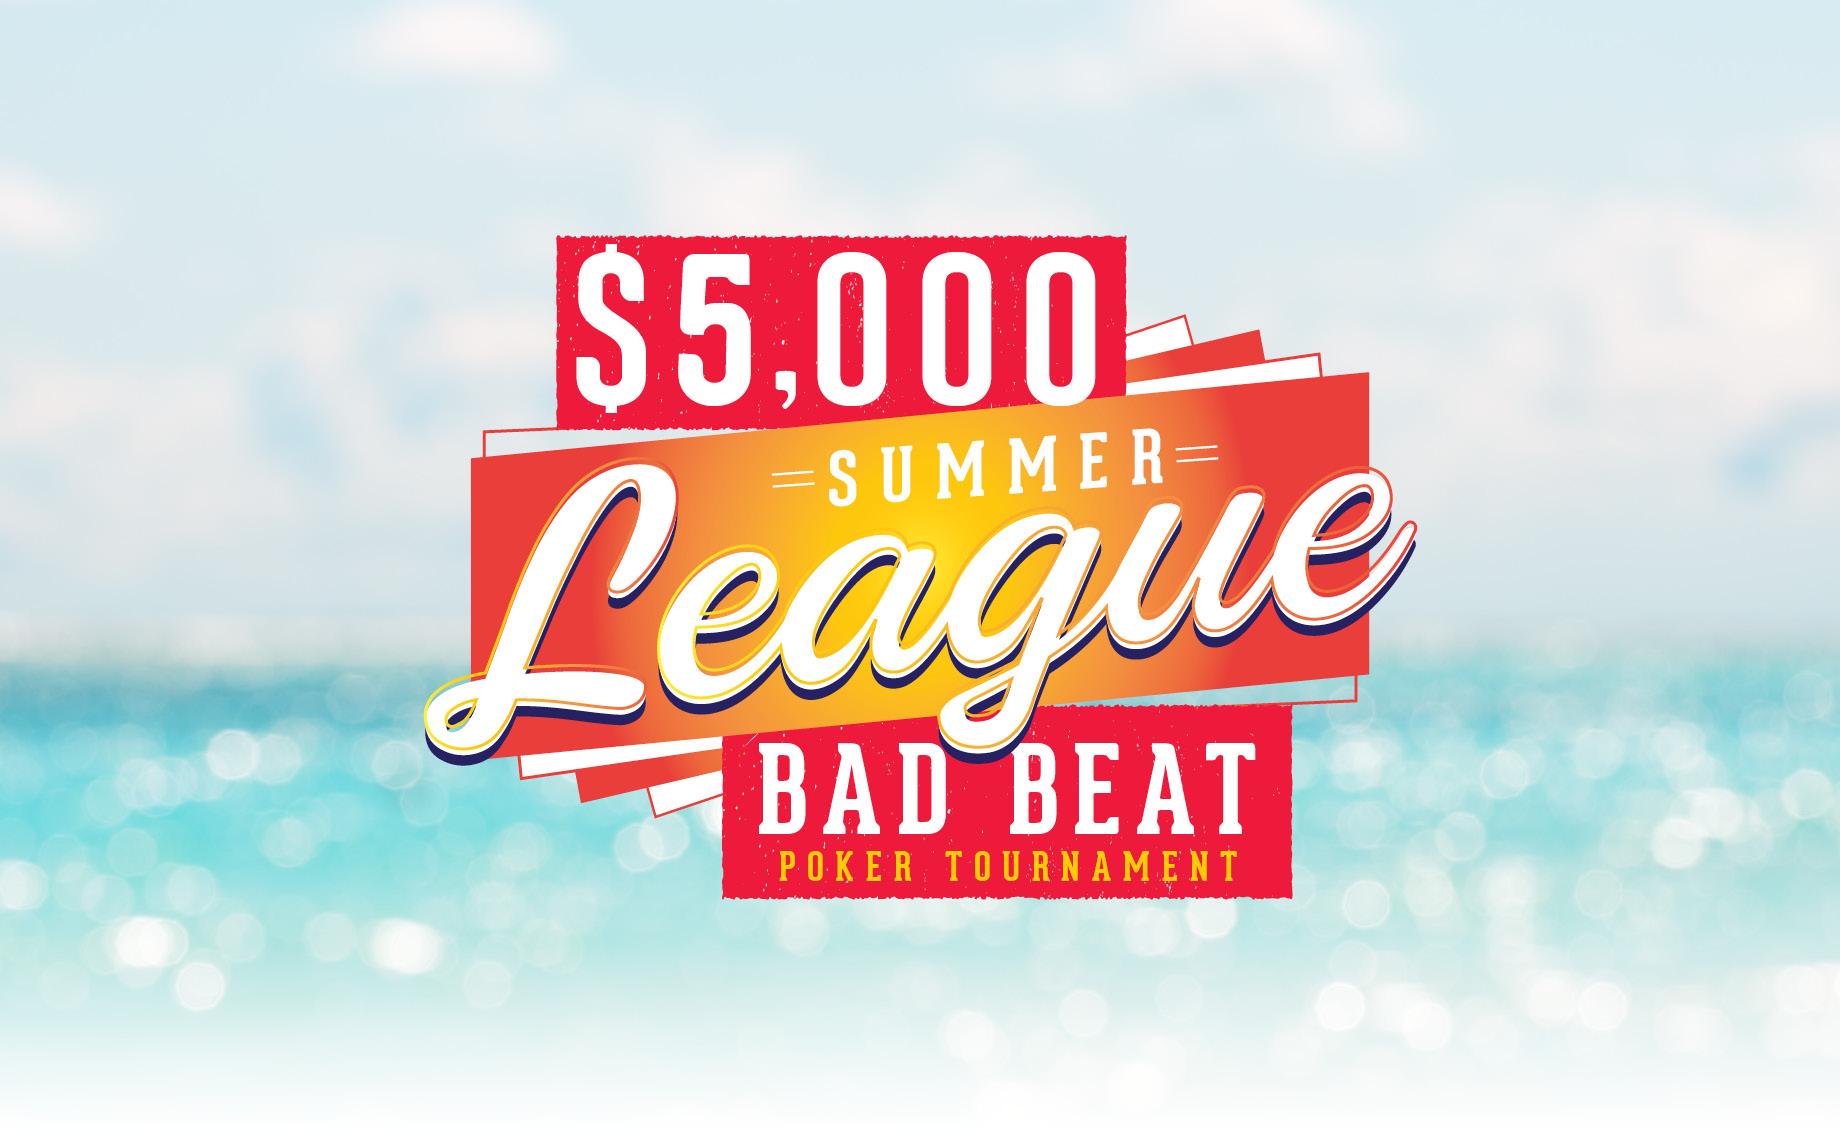 Summer League Bad Beat Poker Tournament